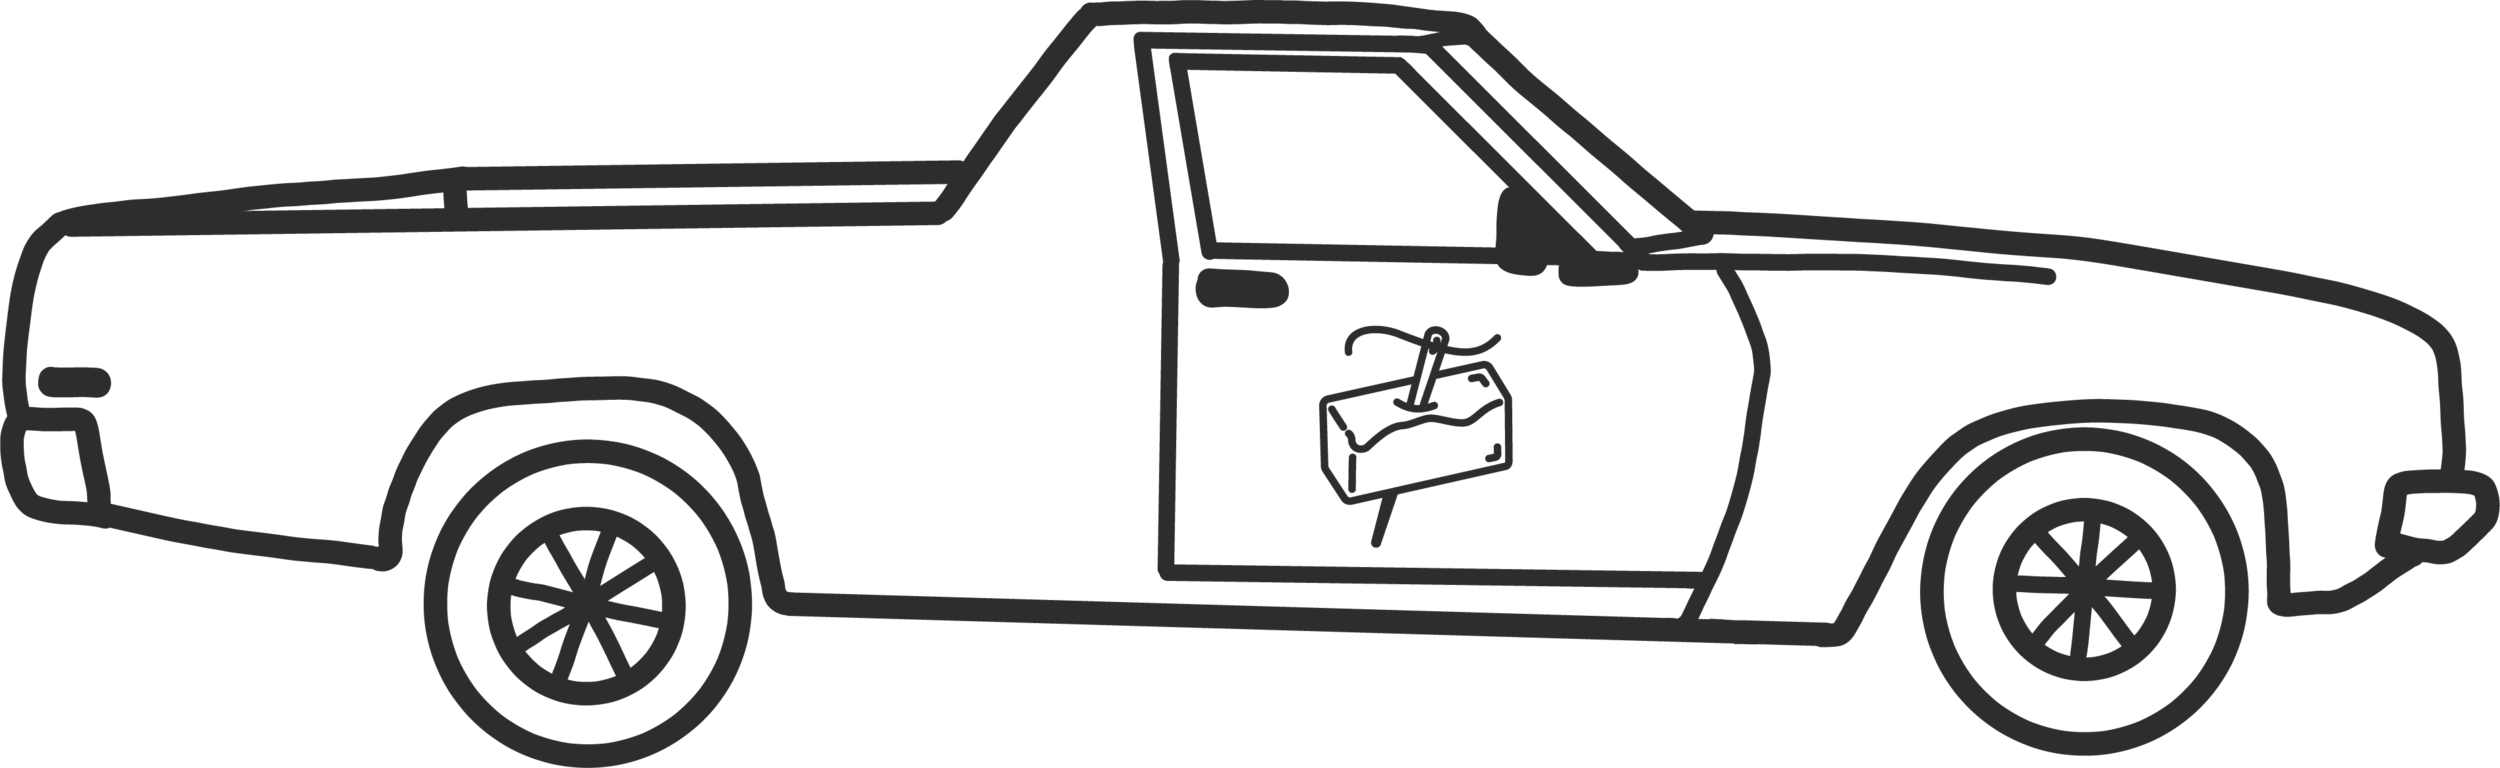 carsignage